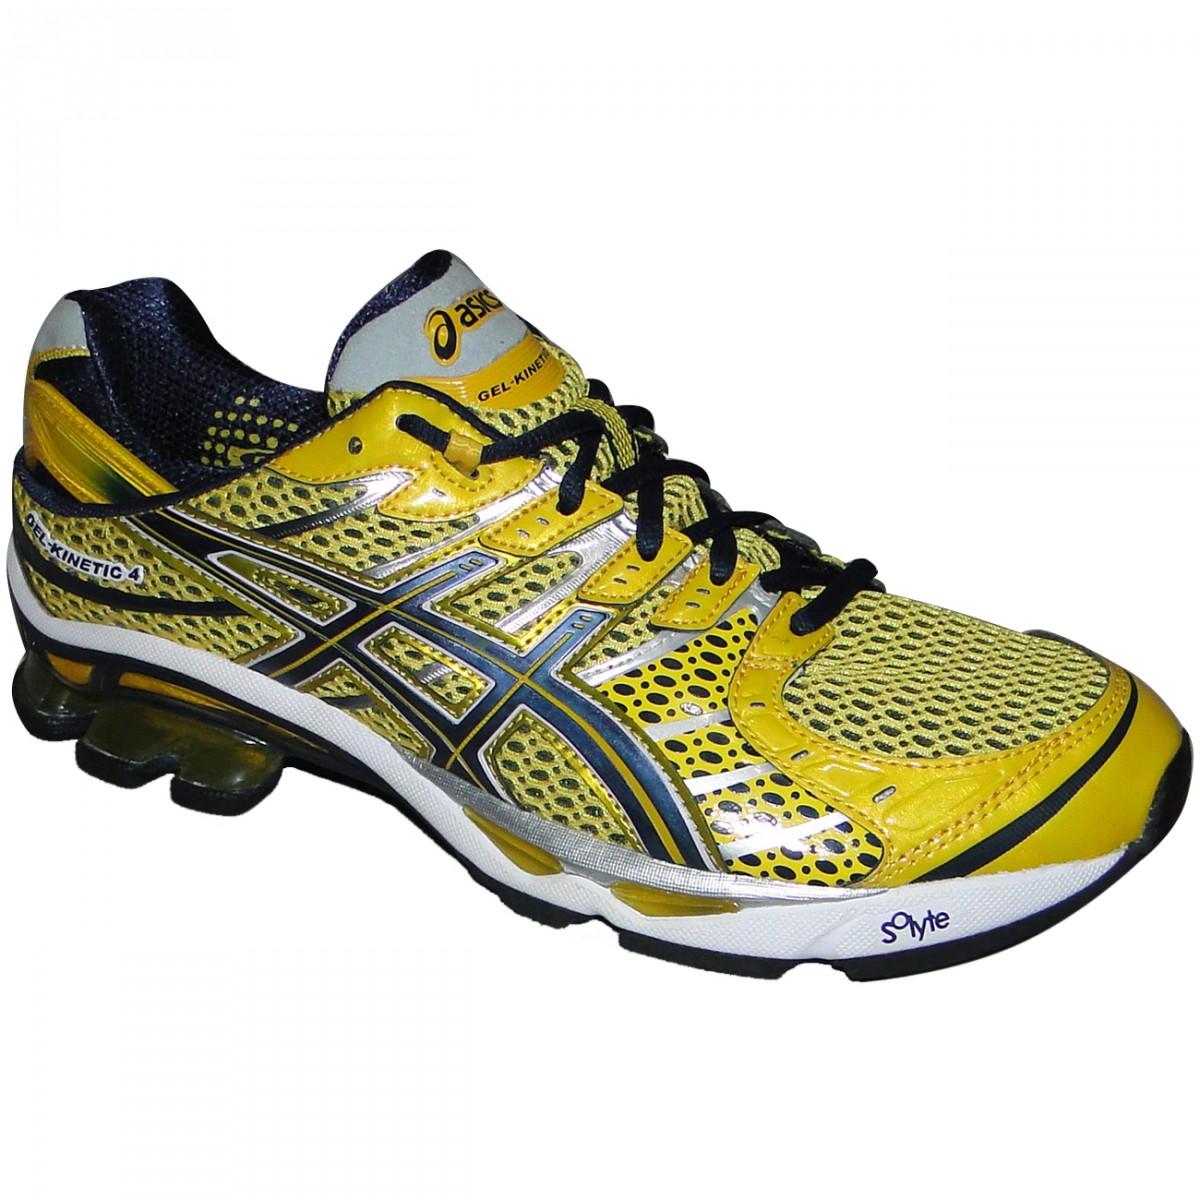 Tenis Asics Gel-Kinetic 4 T133Q-0450 - Amarelo Azul - Chuteira Nike ... aa831330f5126